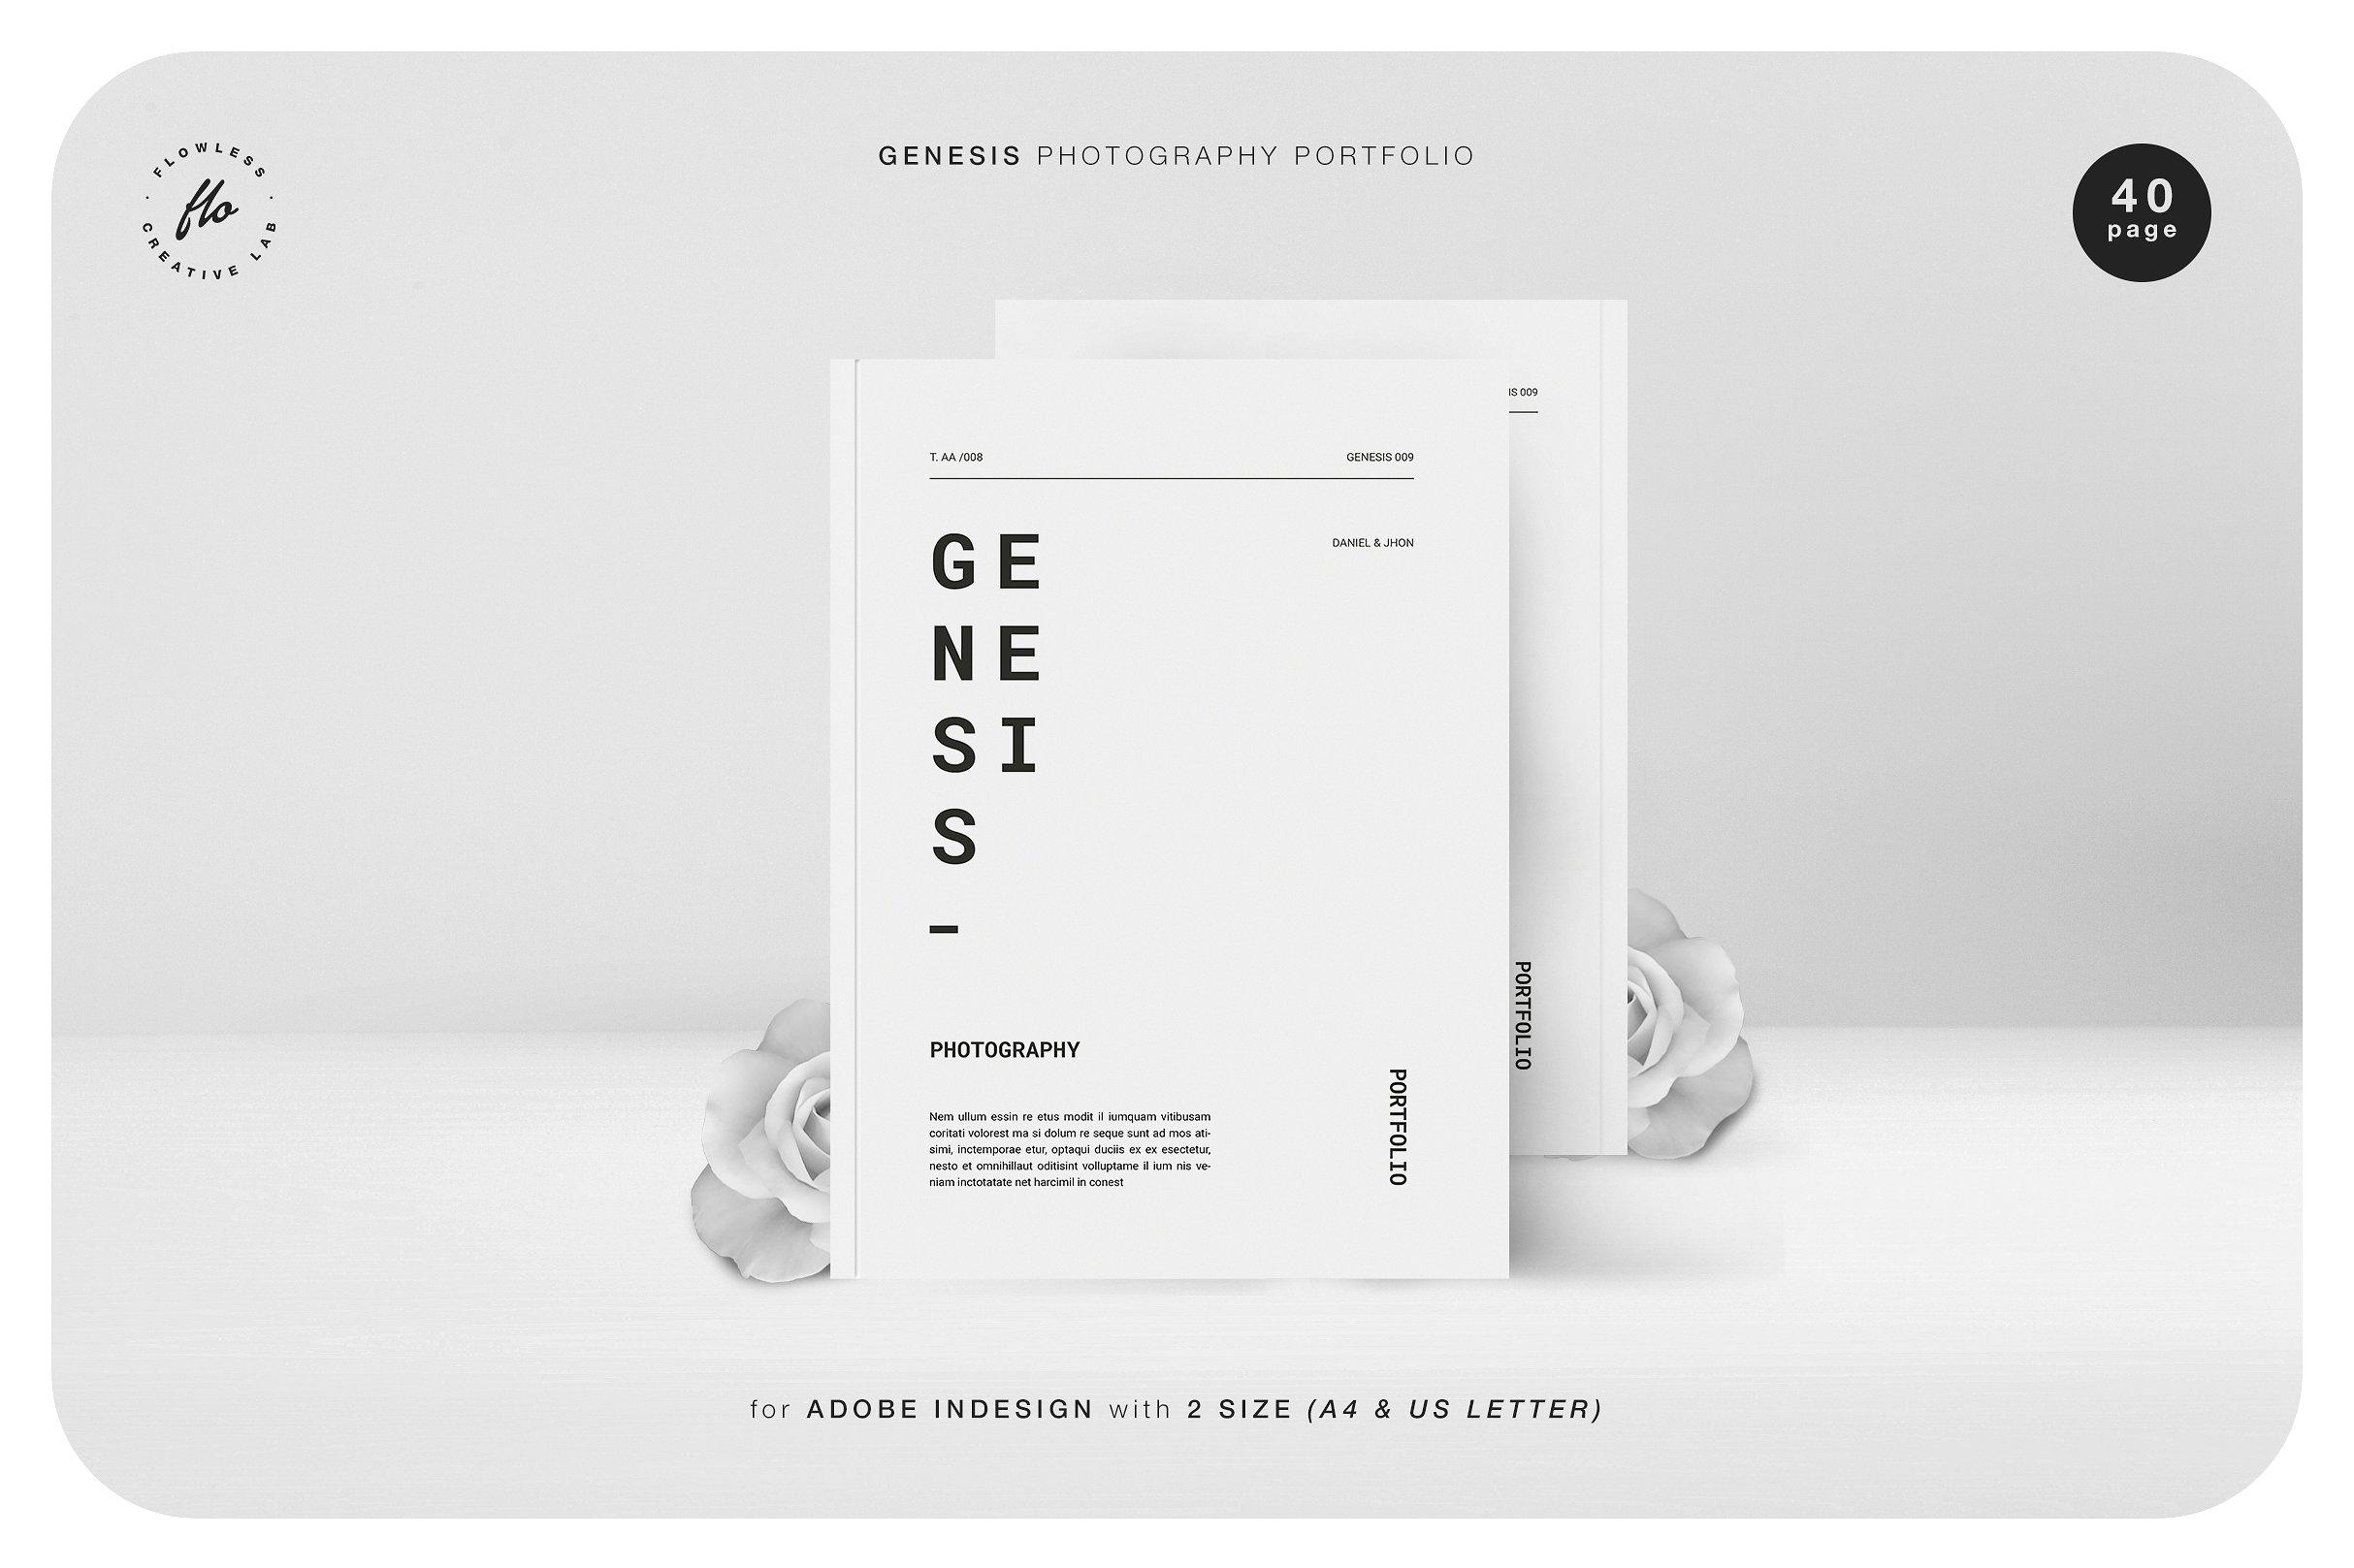 黑白服装设计画册GENESIS Photography Portfolio(1)